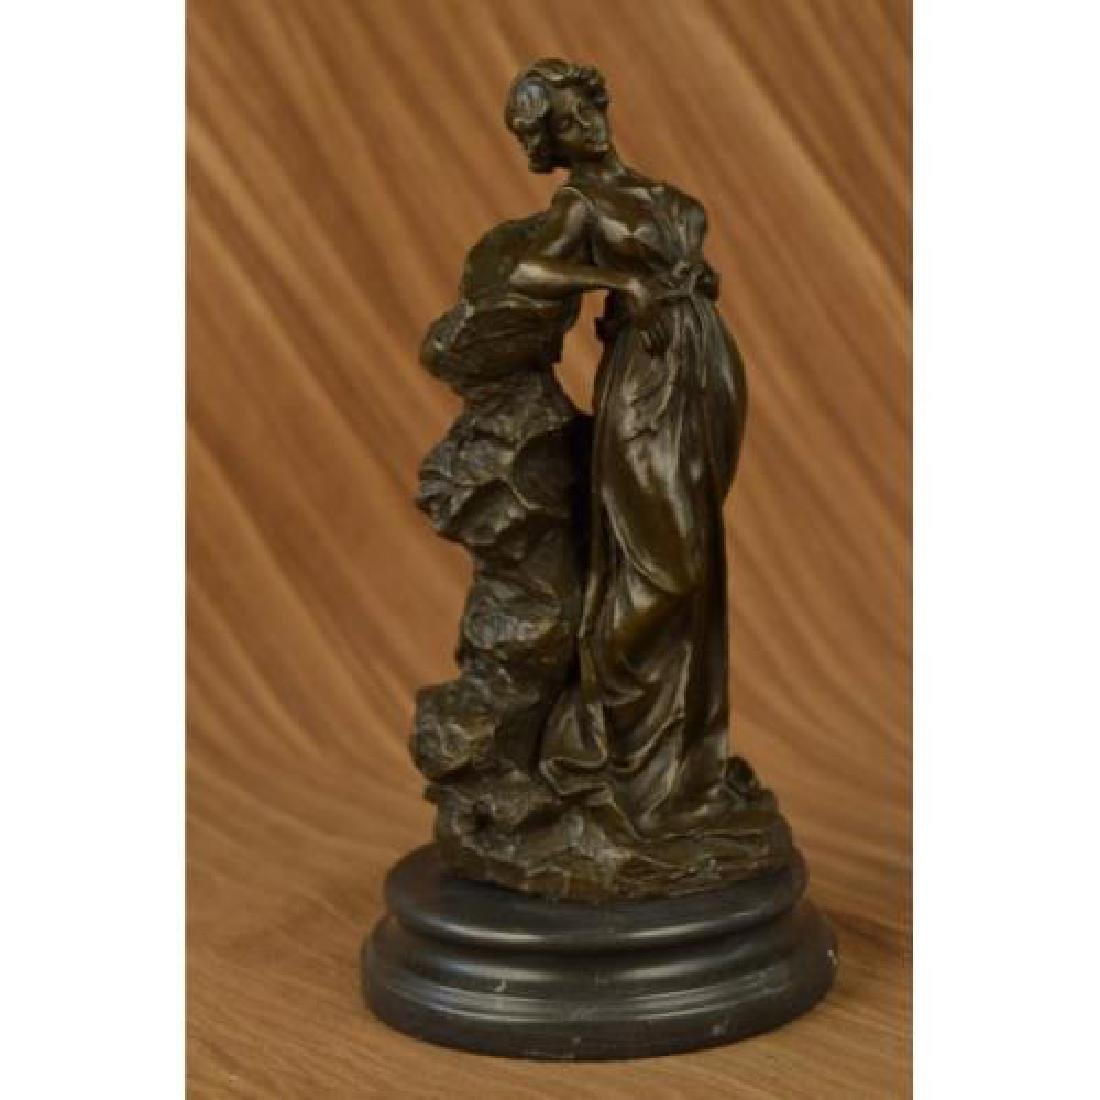 Roman Goddess Bronze Sculpture